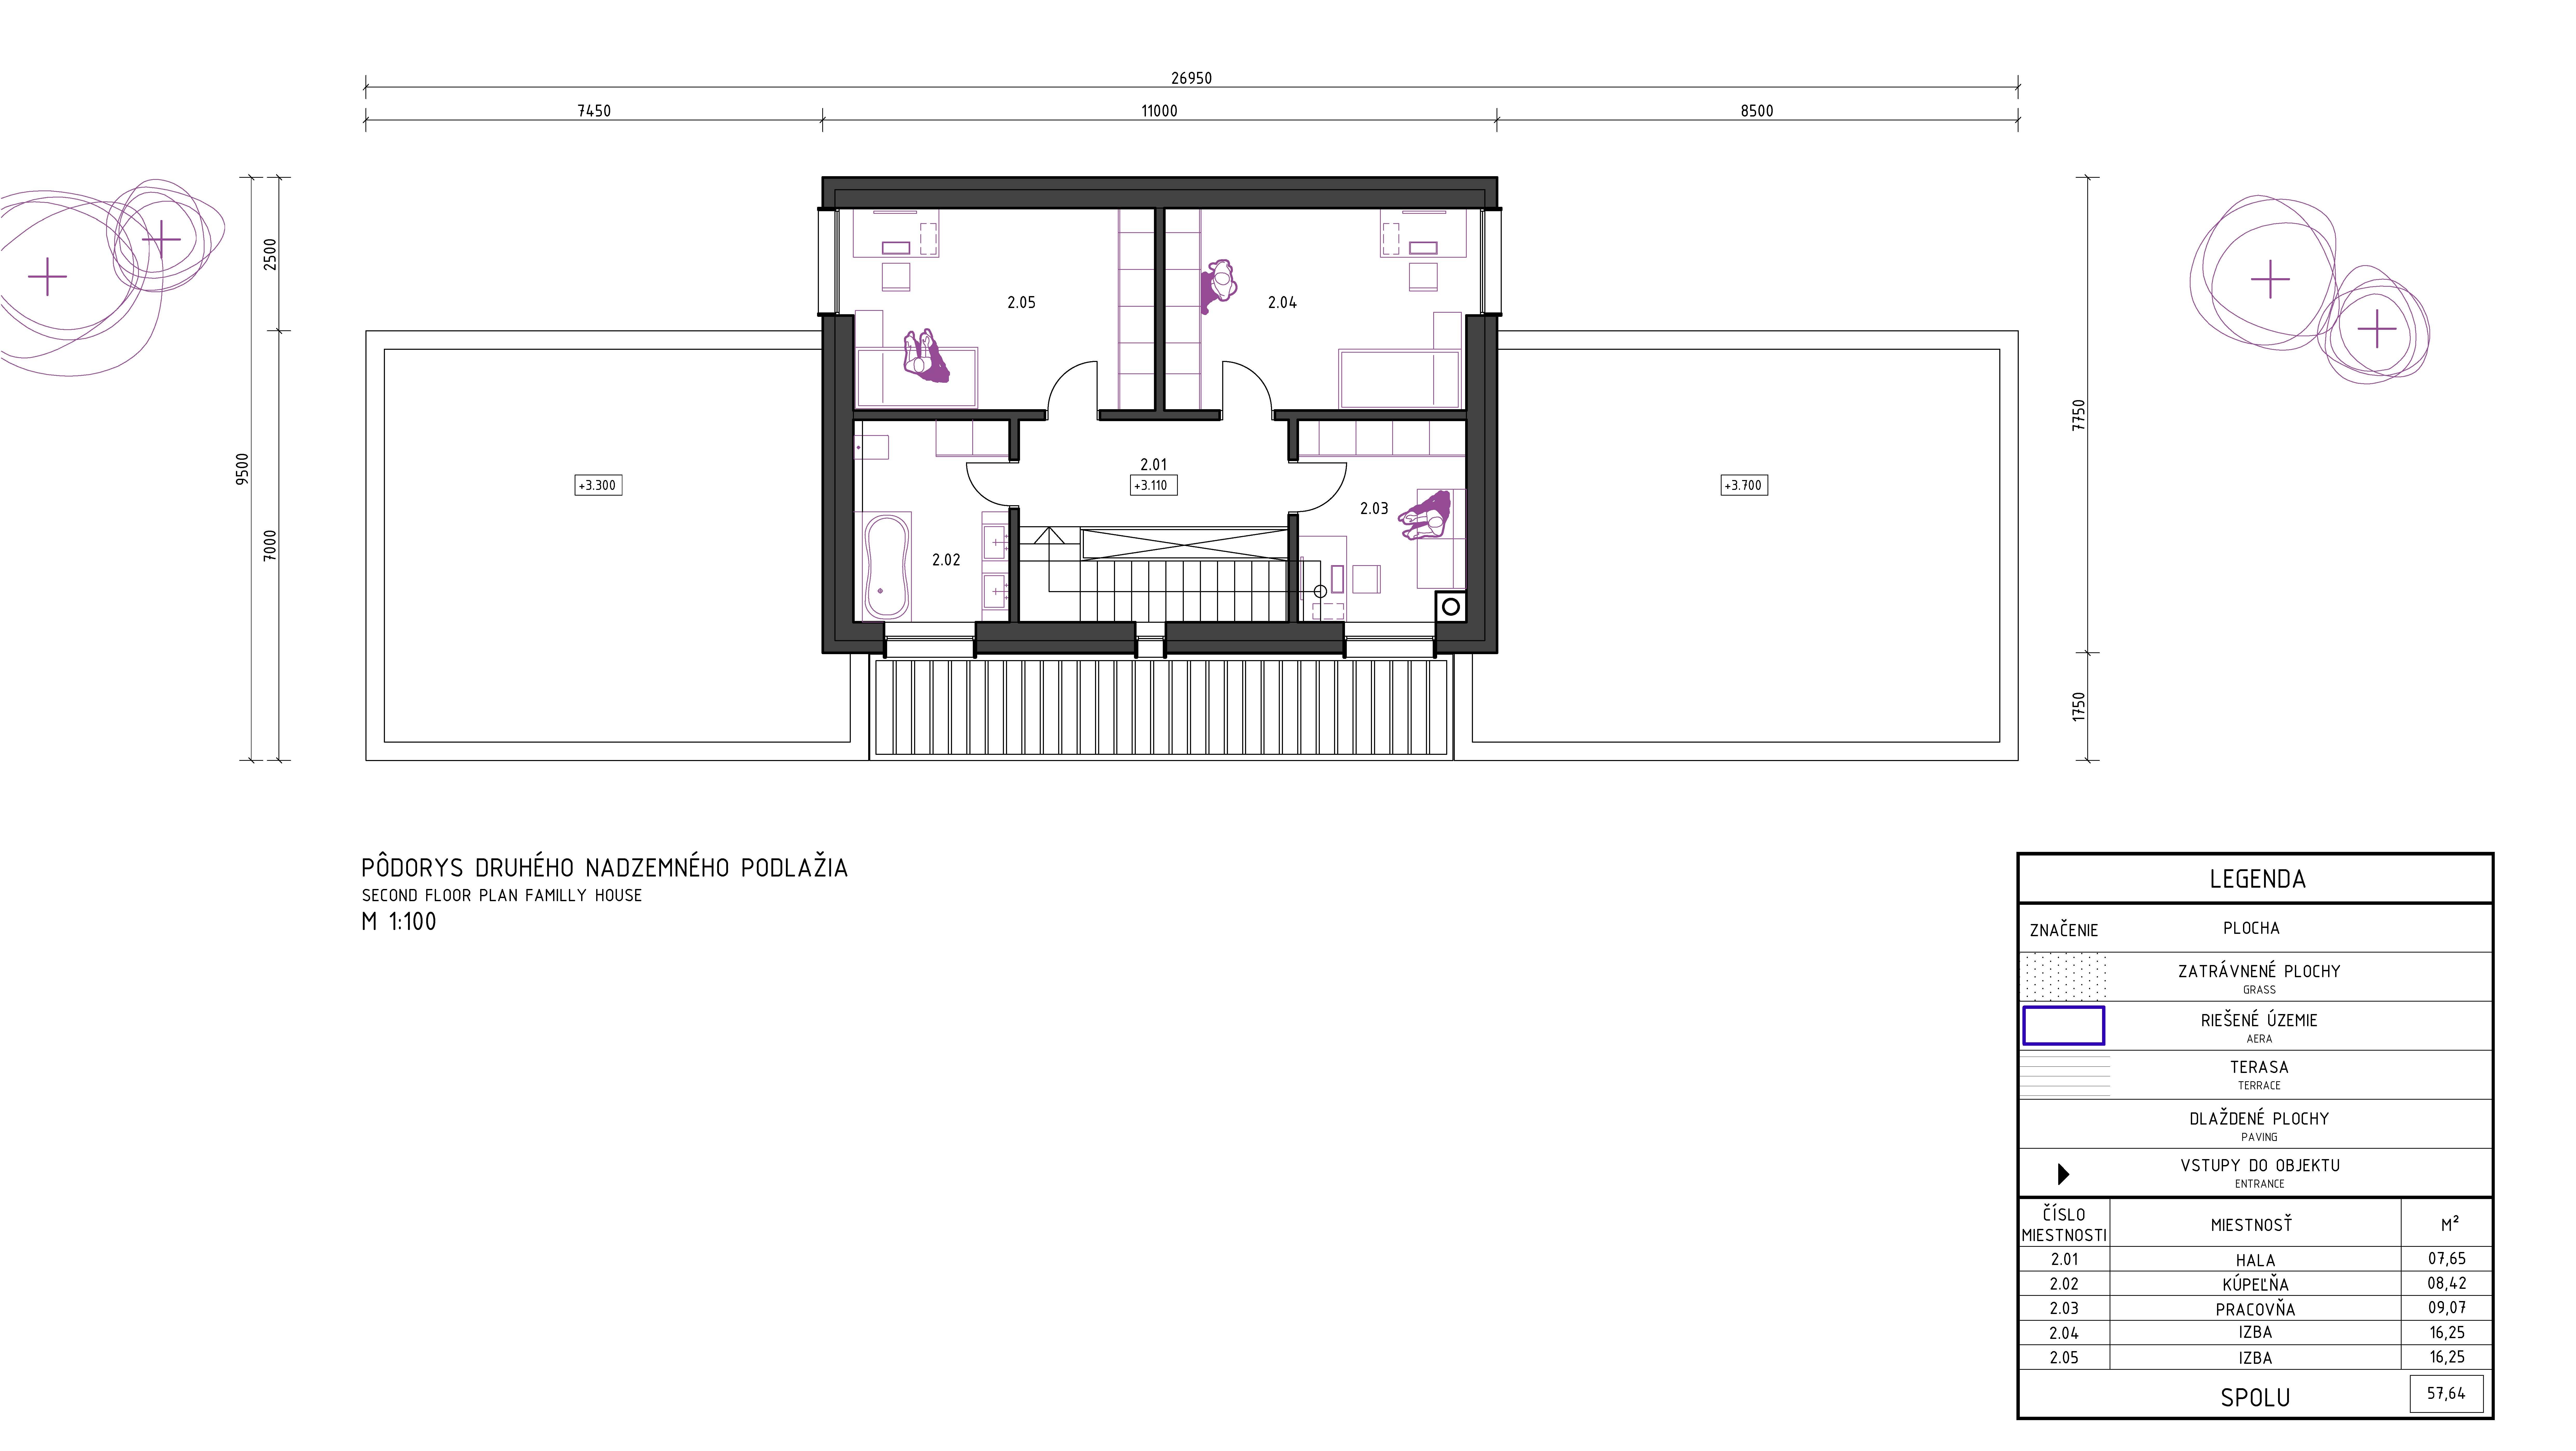 Pôdorys poschodoveho domu - návrh domu